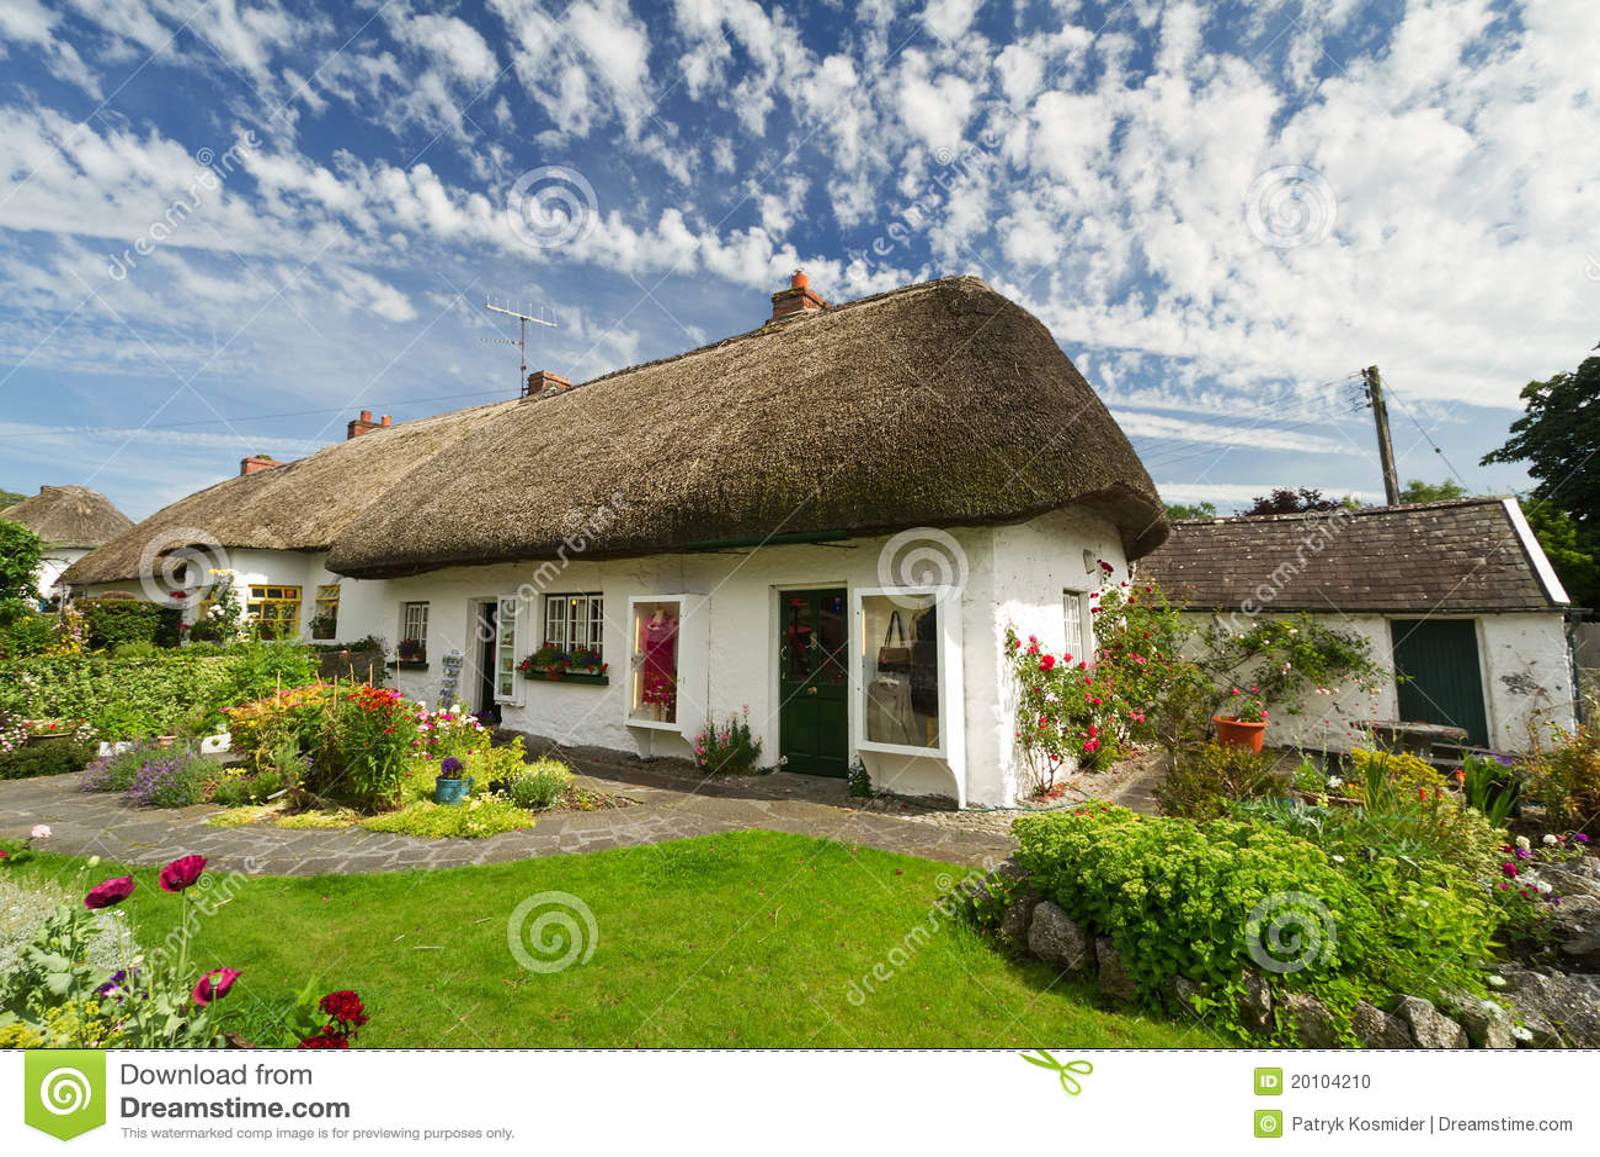 Irish traditional cottage house stock photo image 20104210 for Traditional irish cottage designs